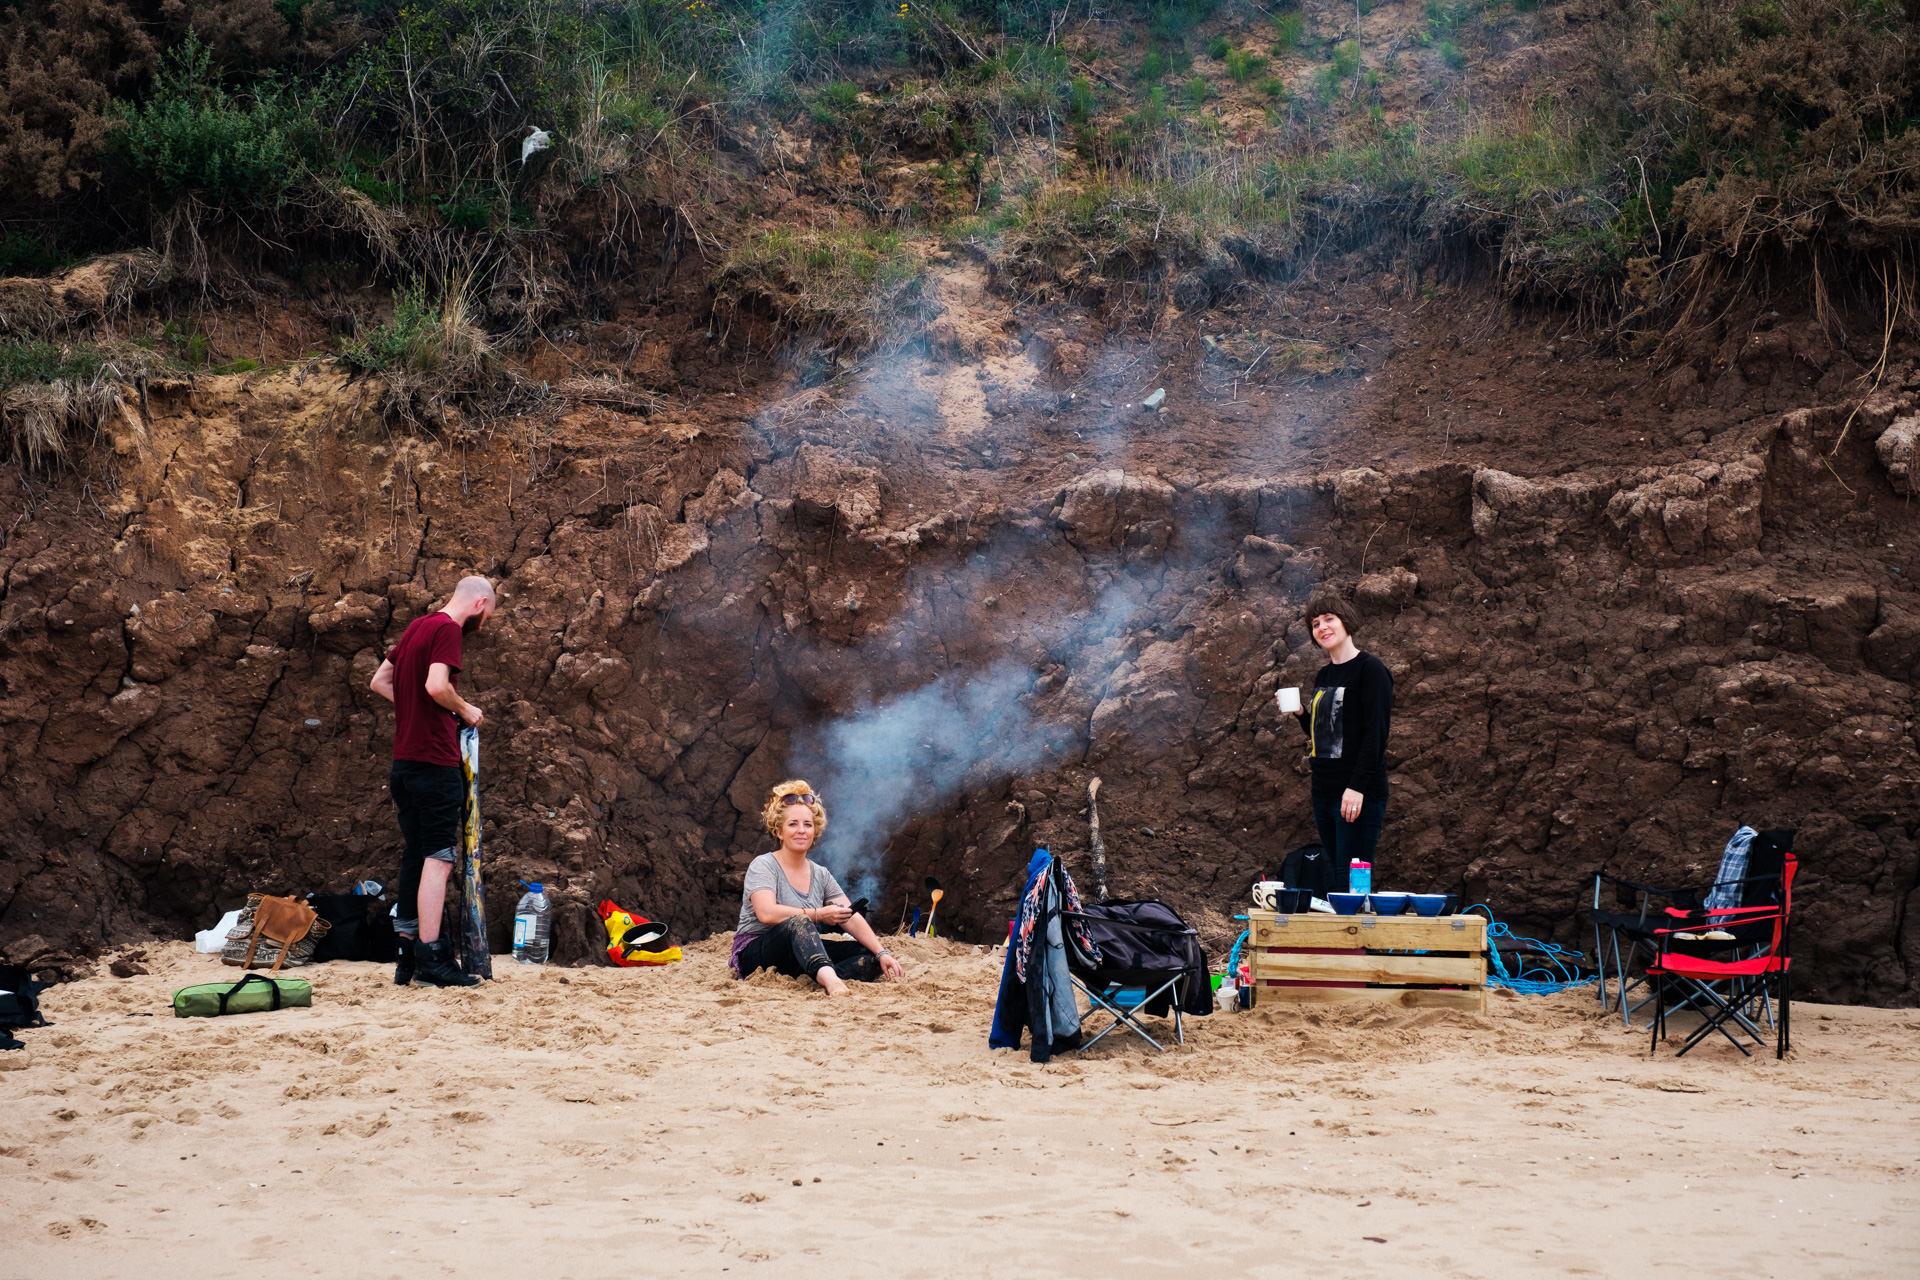 ...followed by chilling out on Lligwy beach...